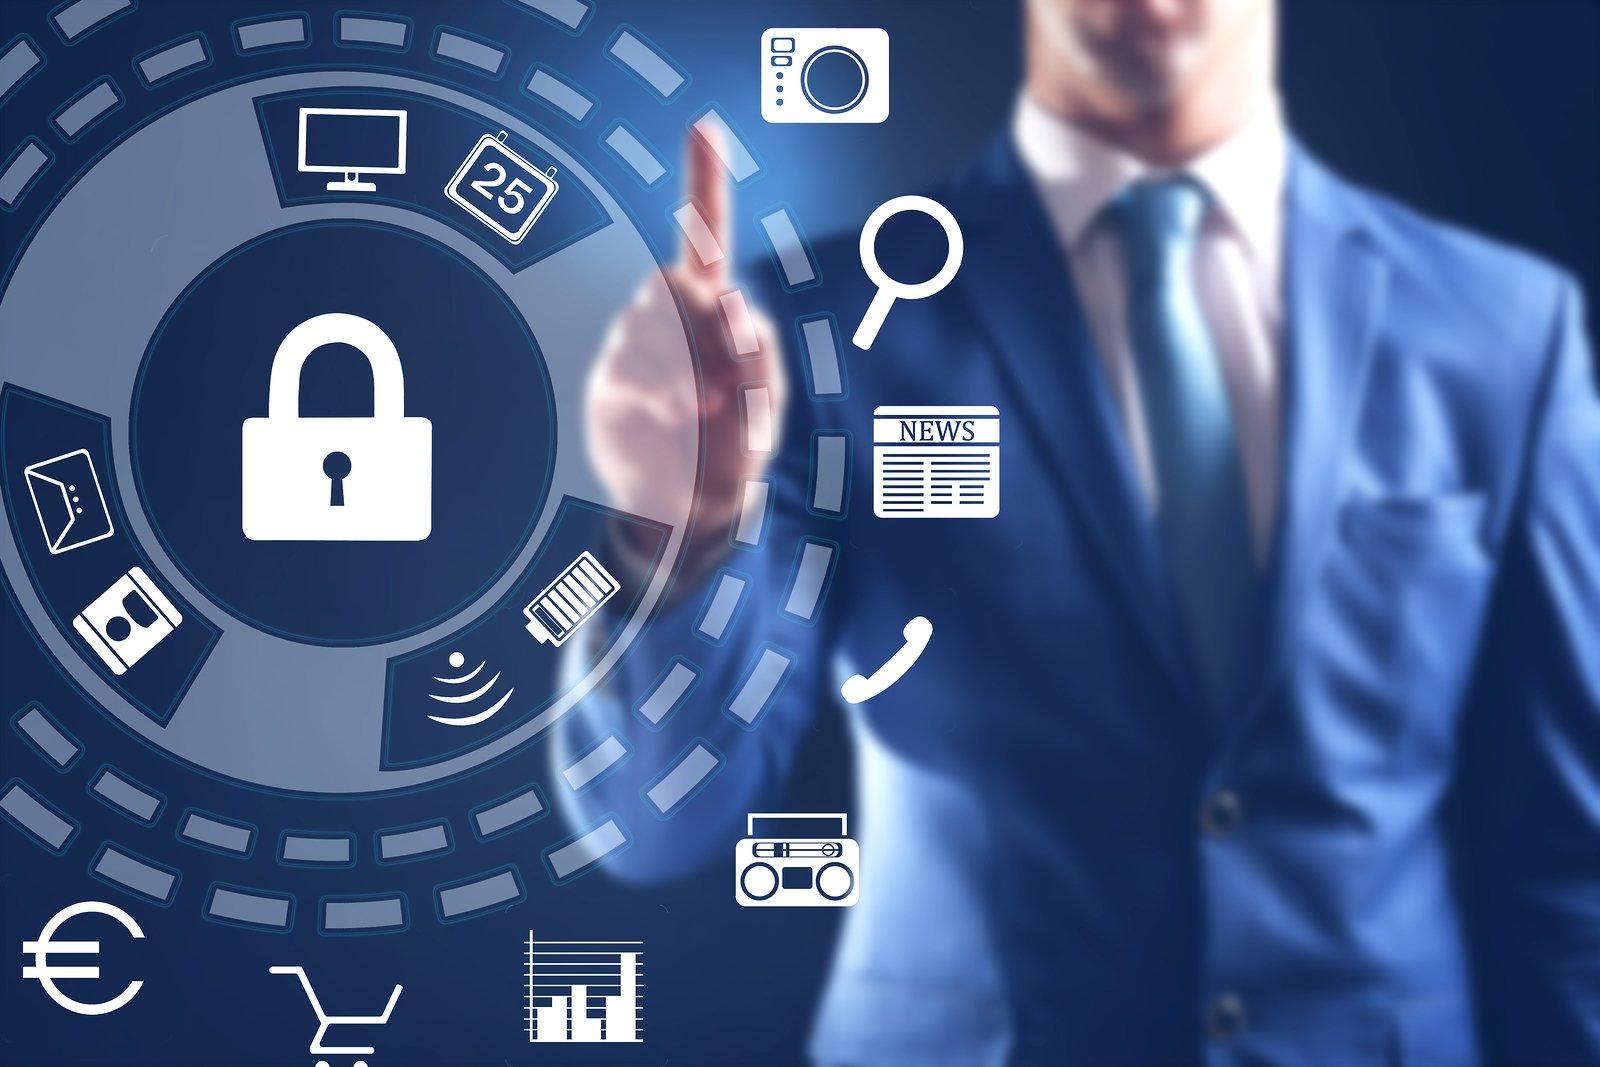 ВСША назвали технологические компании ссамой надежной защитой